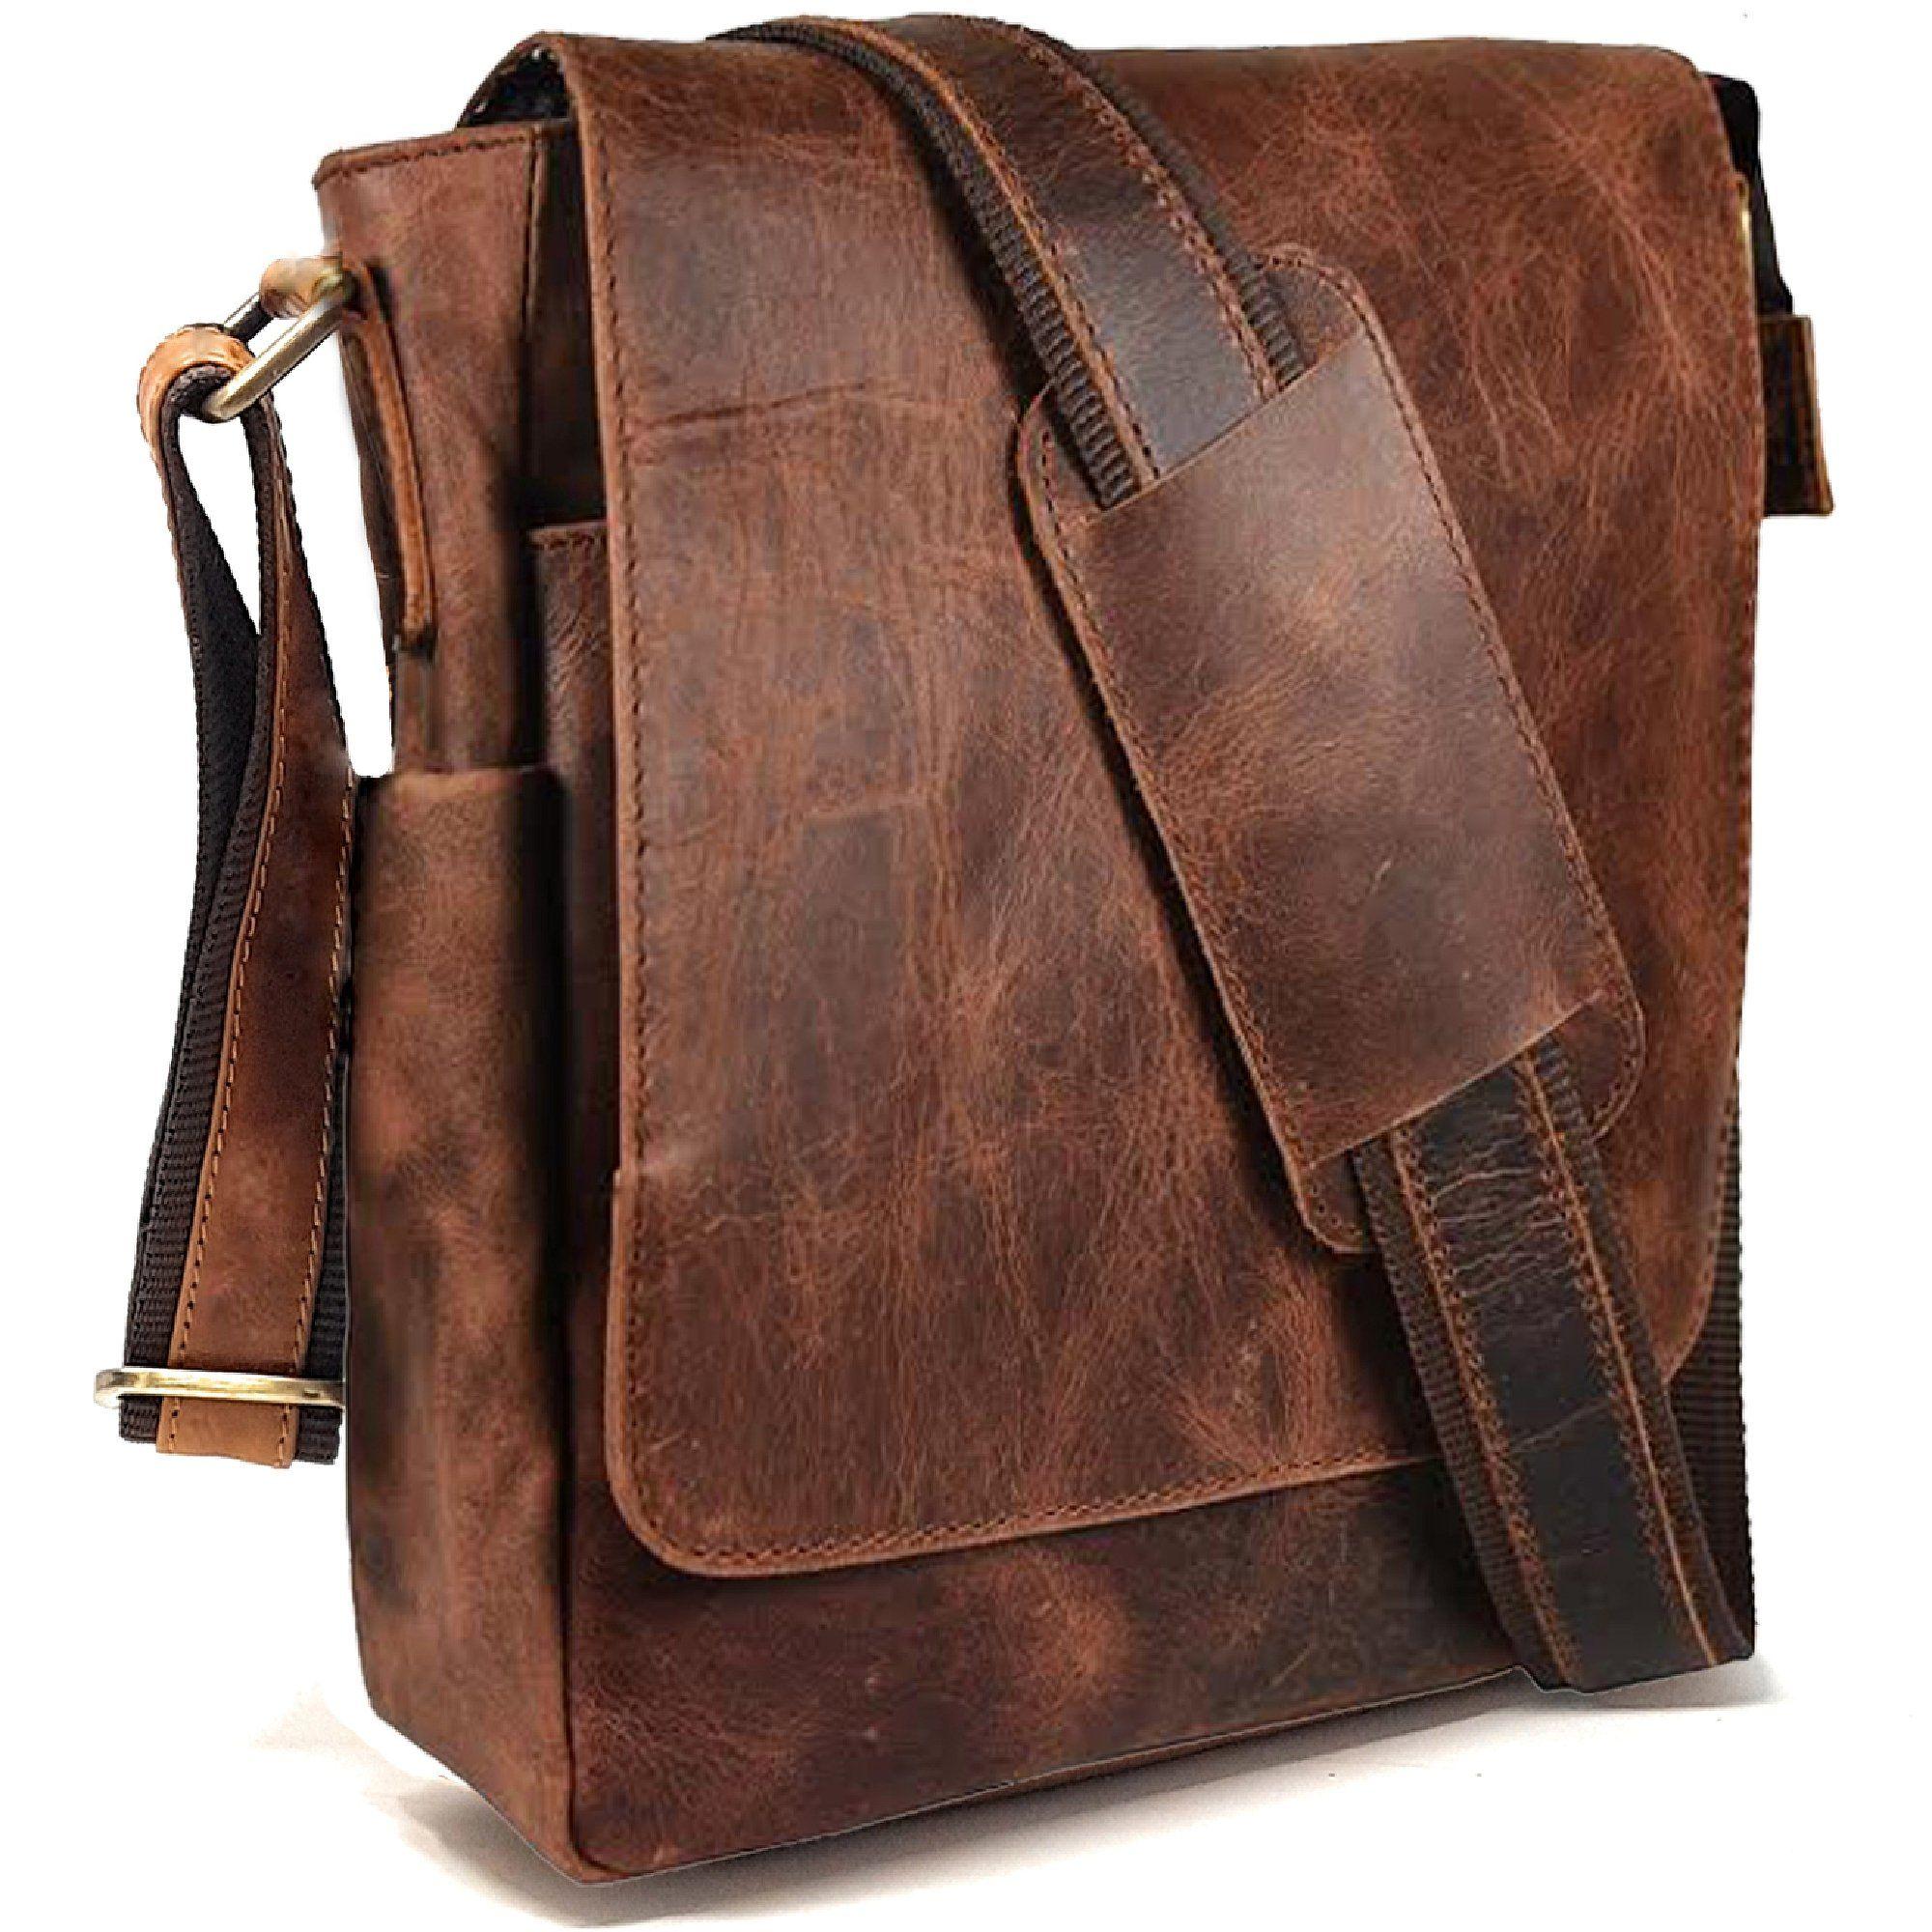 d65696fa0883 PURPLE RELIC  Tablet Man Bag ~ Sling Bag ~ Crossbody Messenger Satchel  (Vintage Brown)